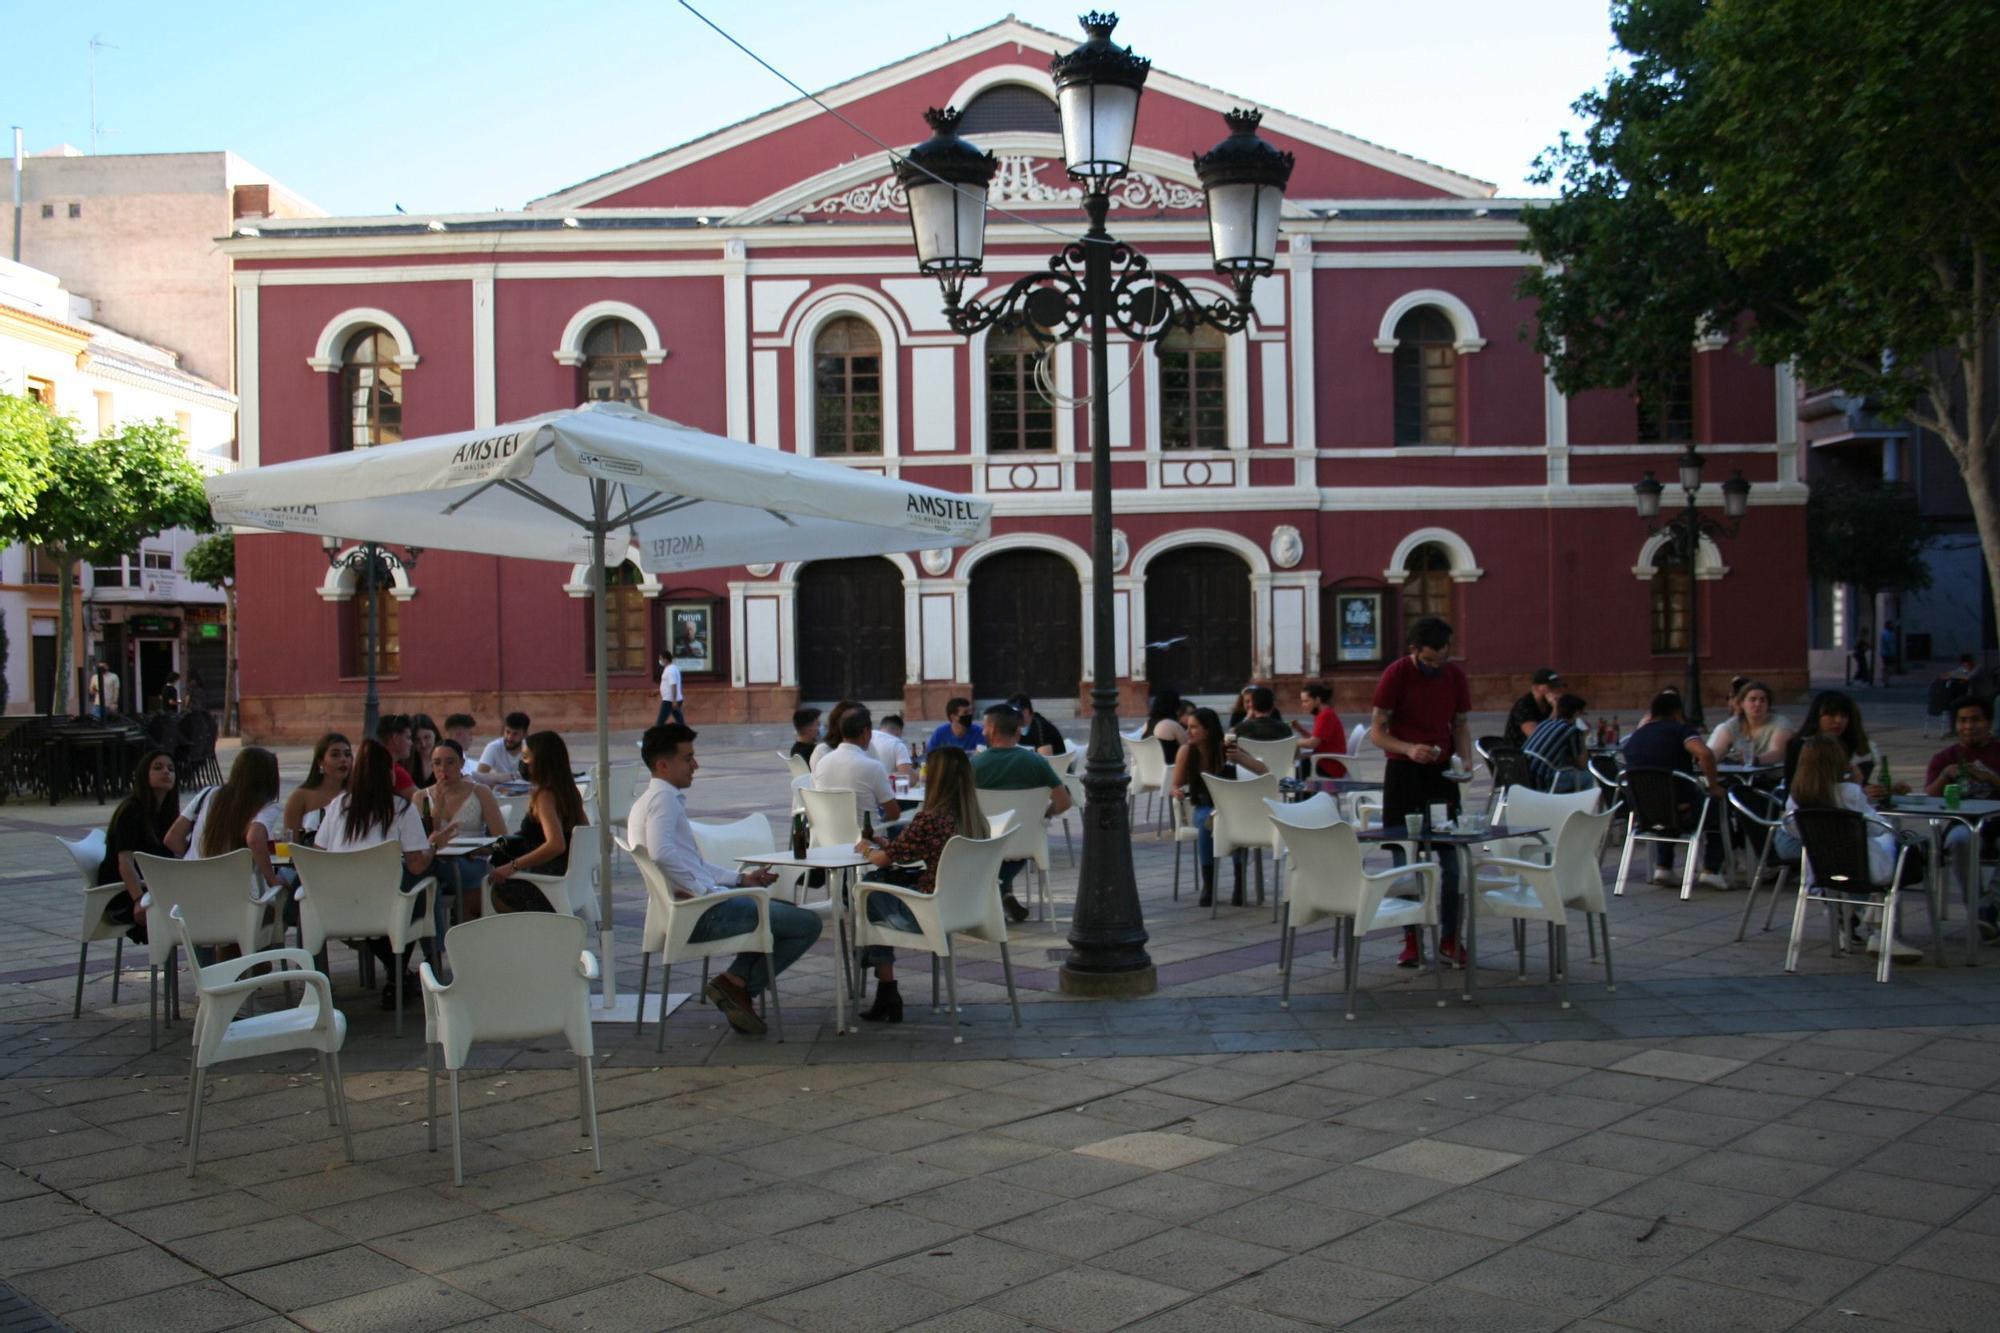 La noche de los museos en Lorca